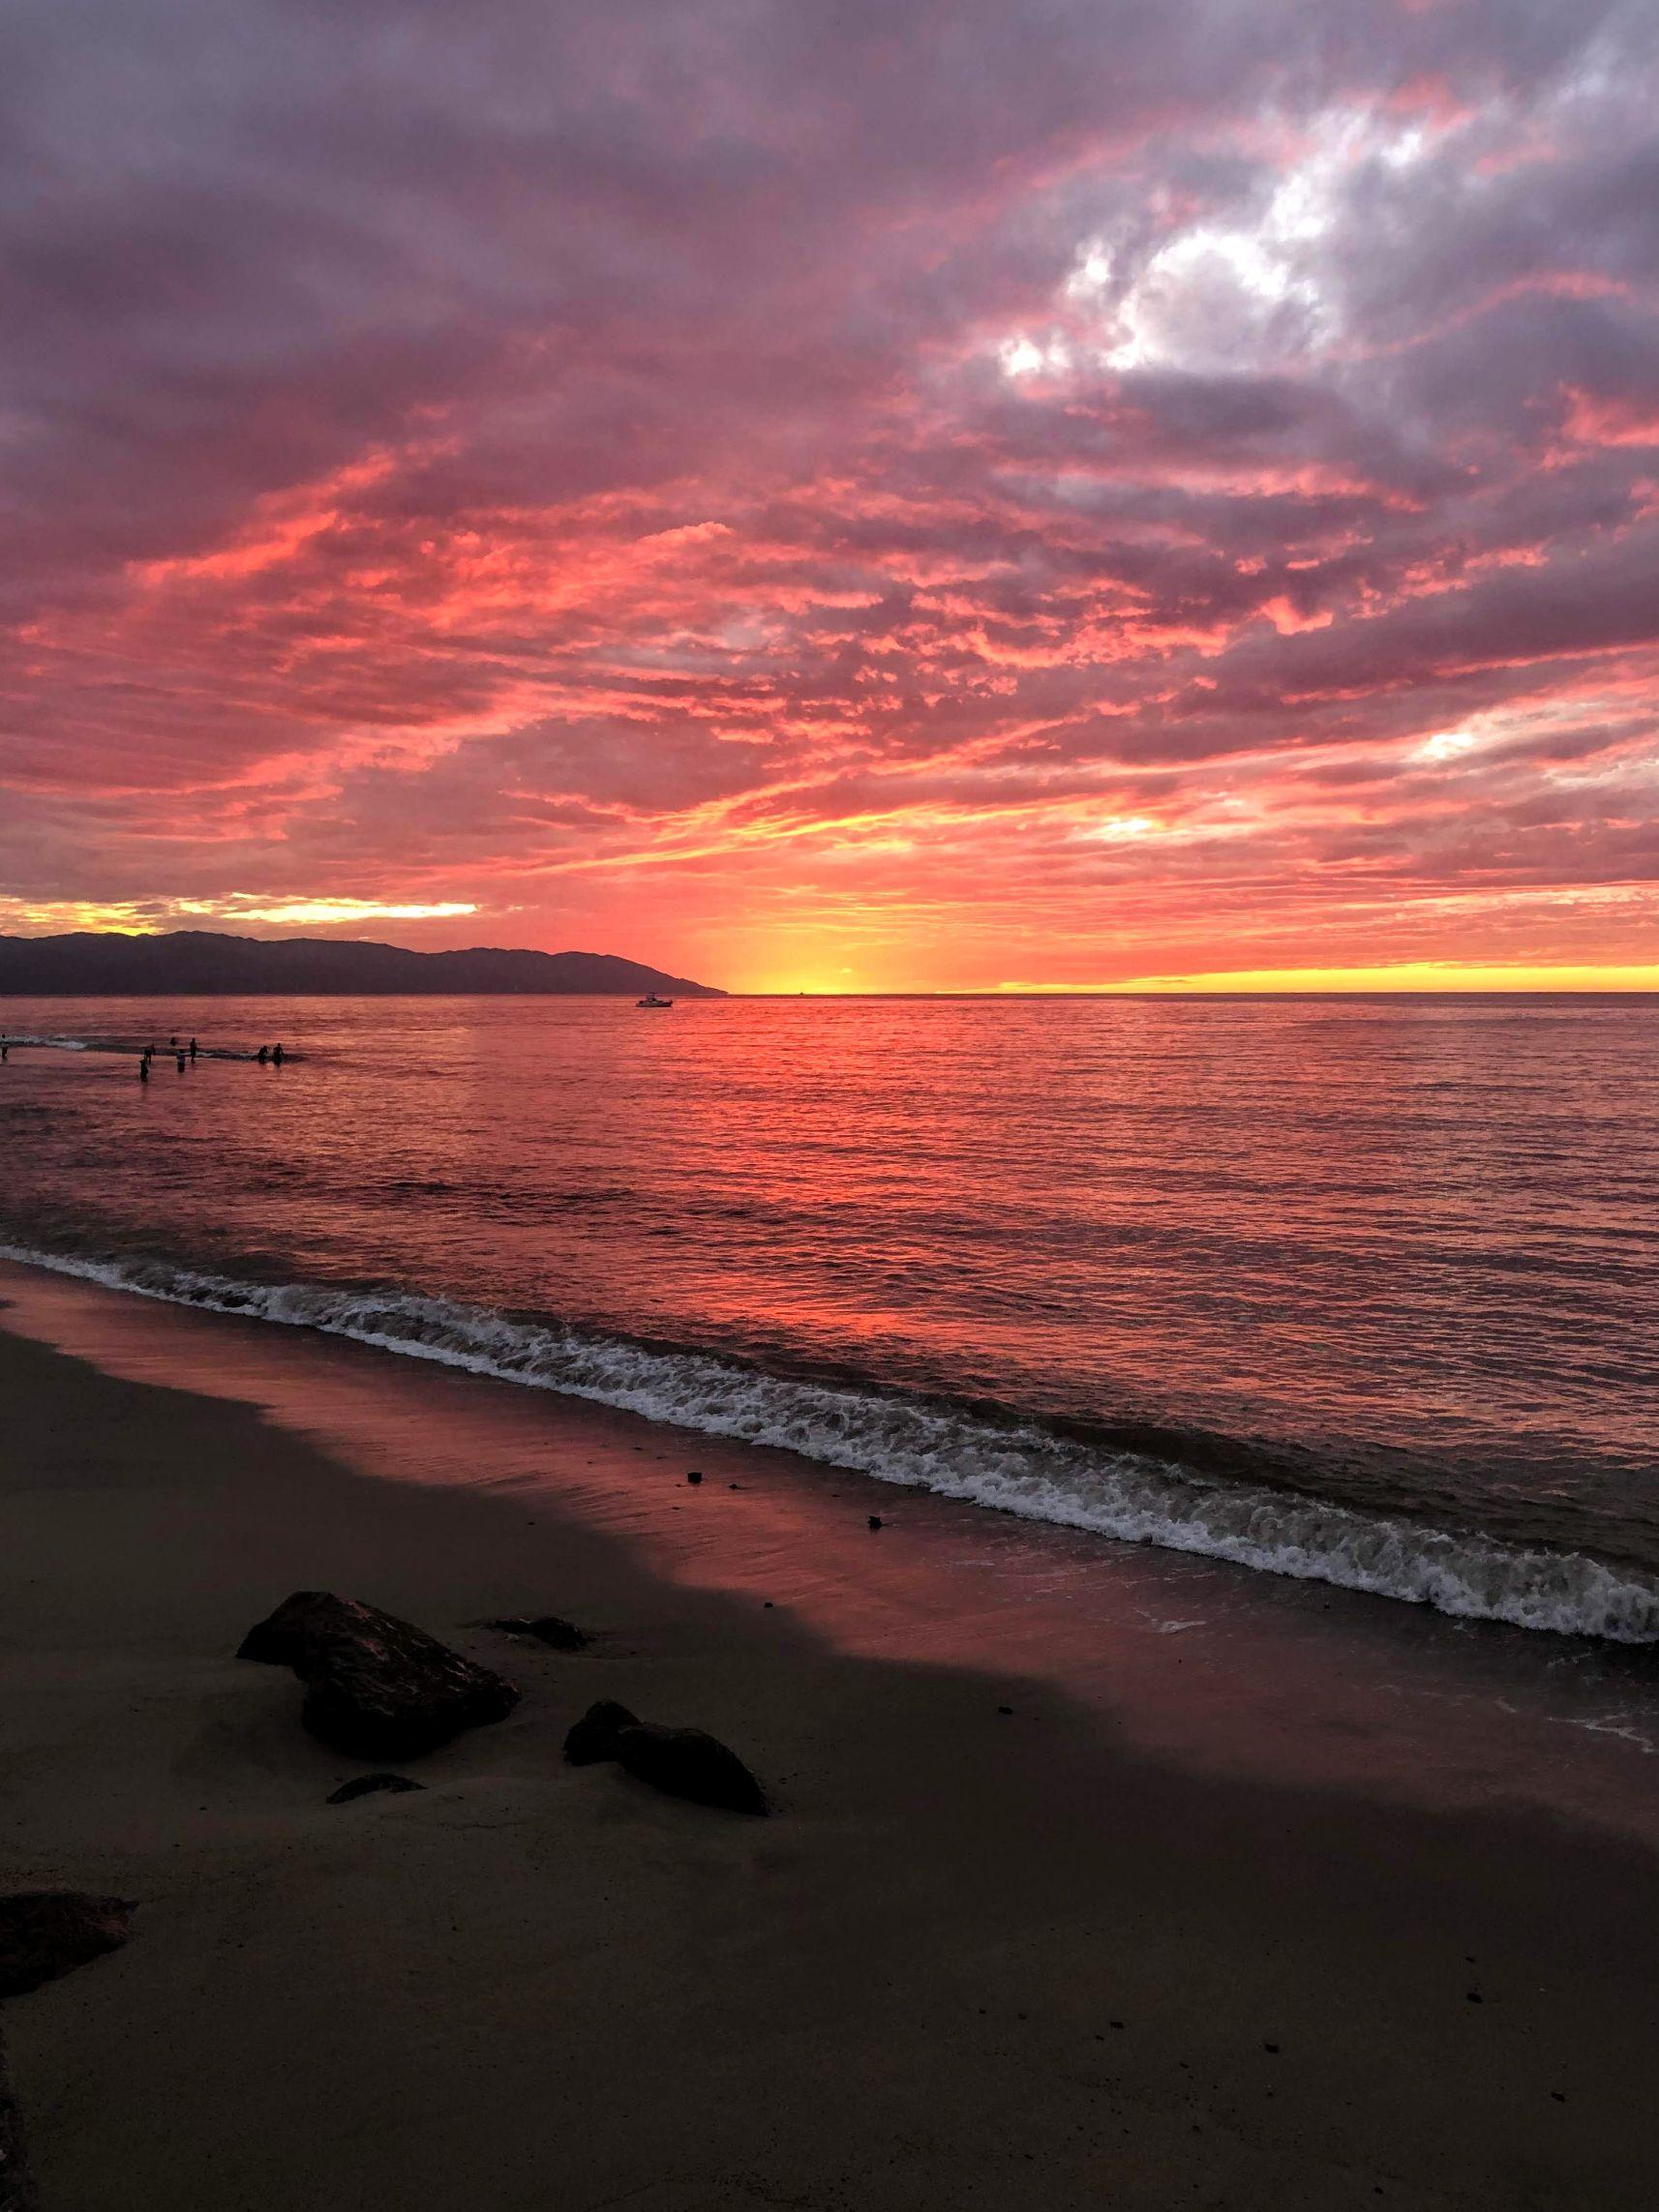 pink sunset on the beach in Puerto Vallarta